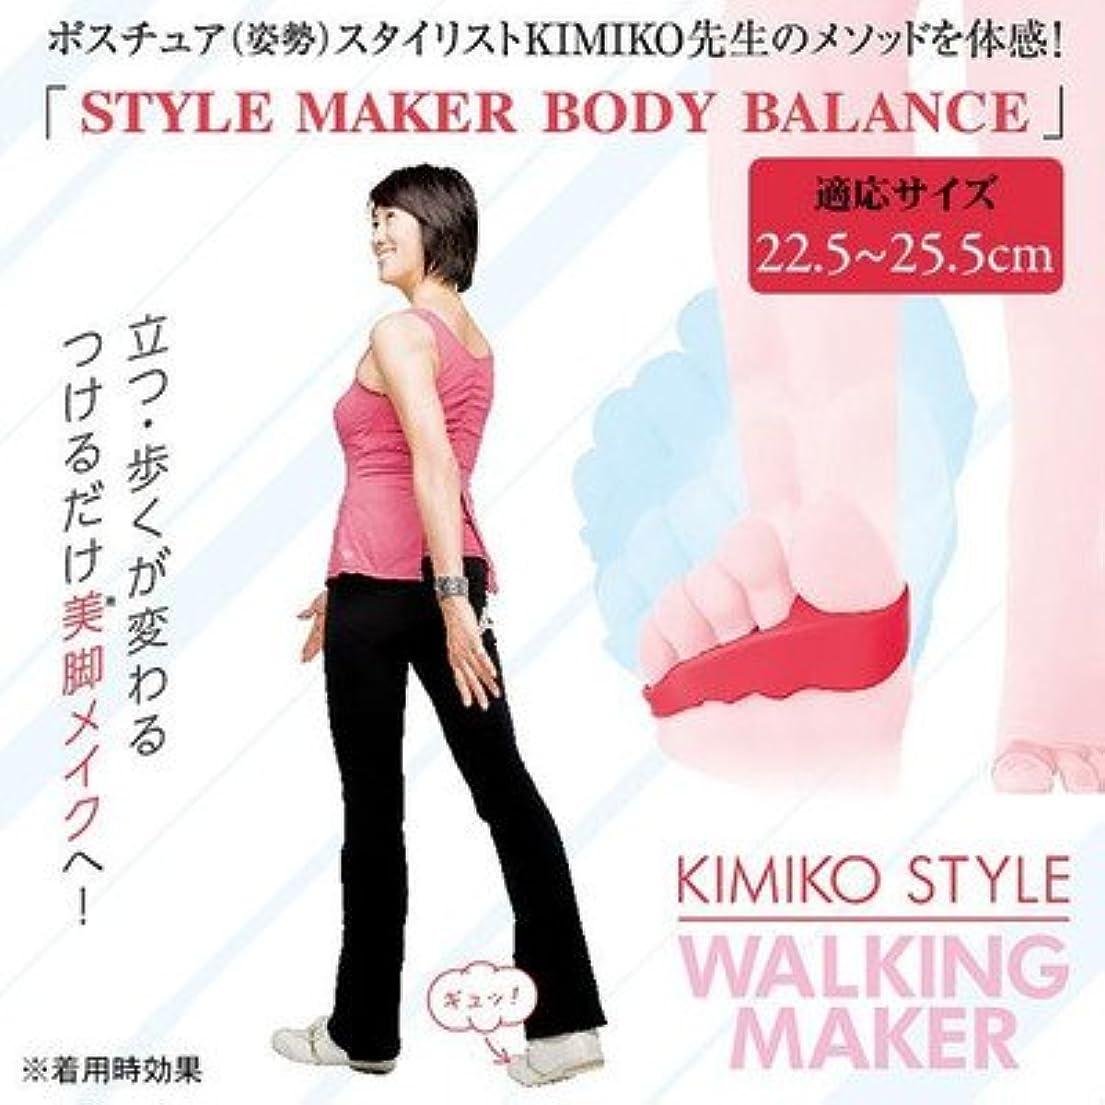 食欲高いパス付けて歩いて 正しい歩行姿勢へナビゲート KIMIKO STYLE キミコスタイル WALKING MAKER ウォーキングメーカー 1足入